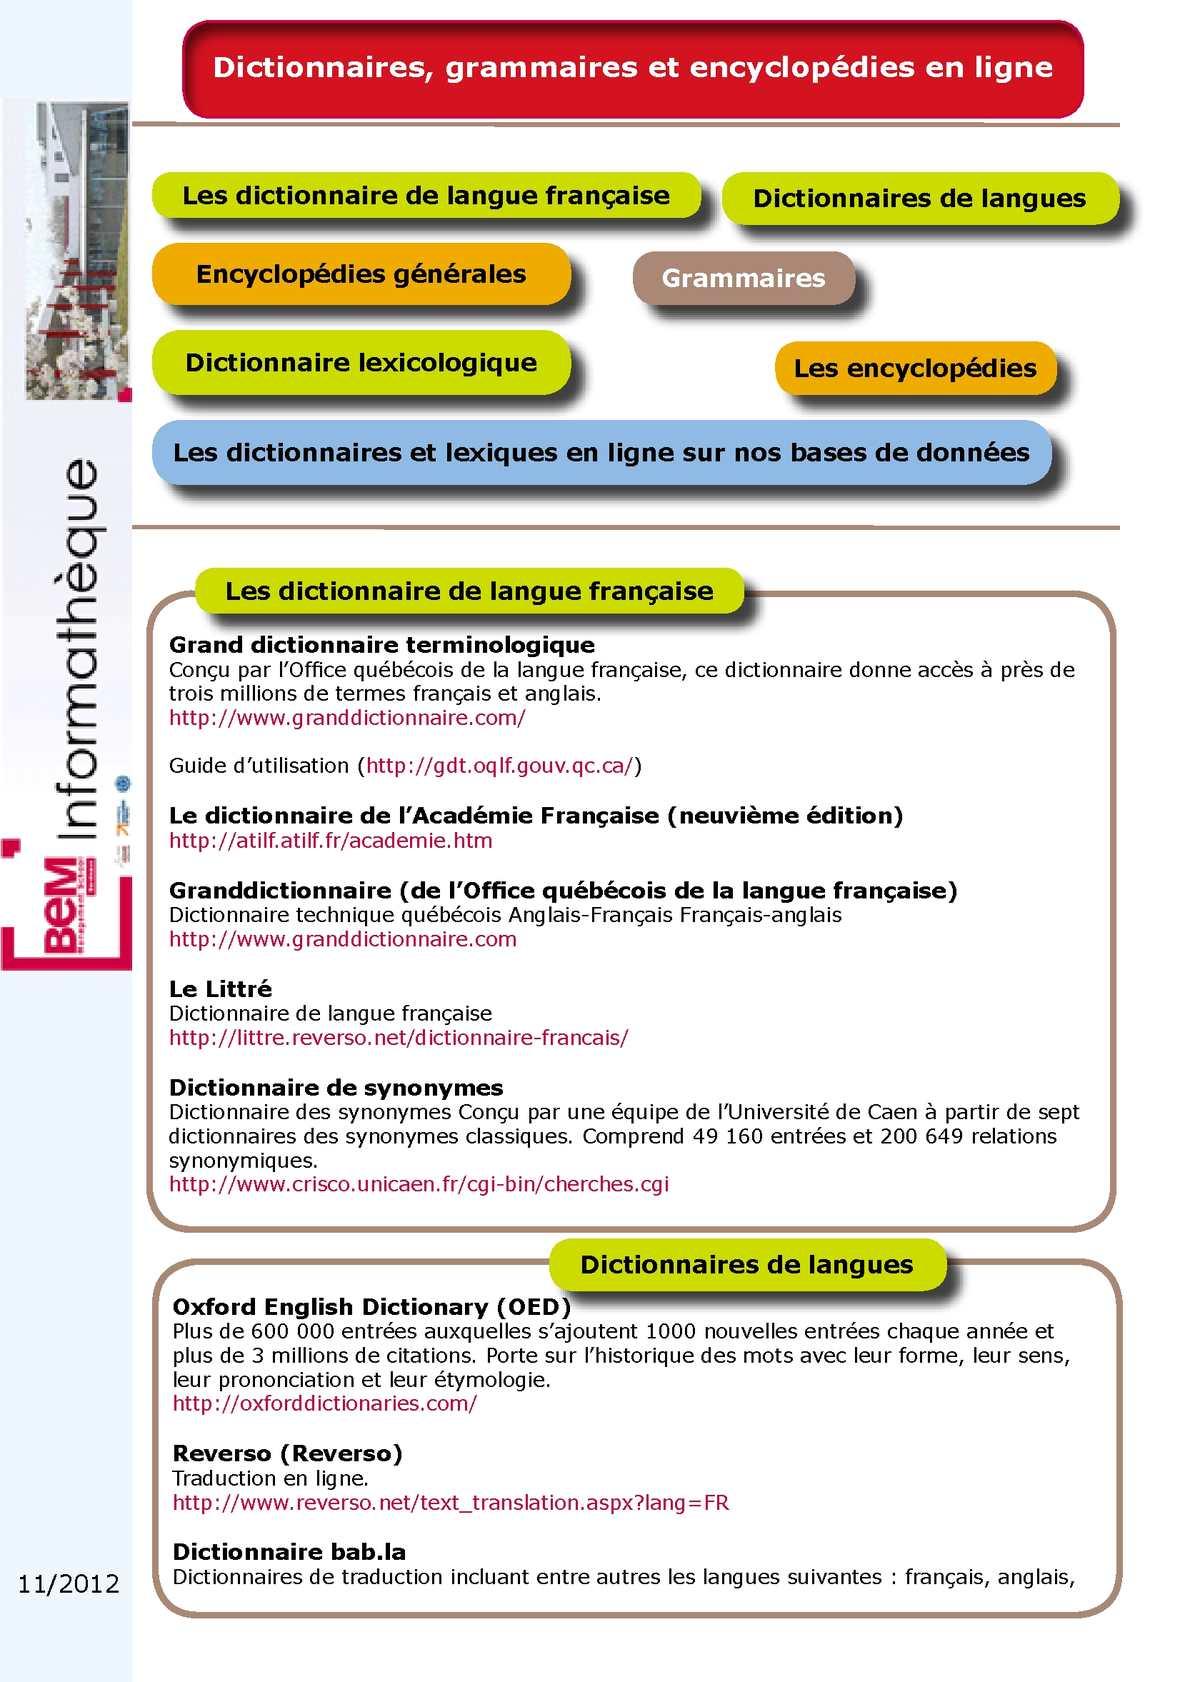 Calam o dictionnaires grammaires et encyclop dies en ligne - Office de la langue francaise dictionnaire ...